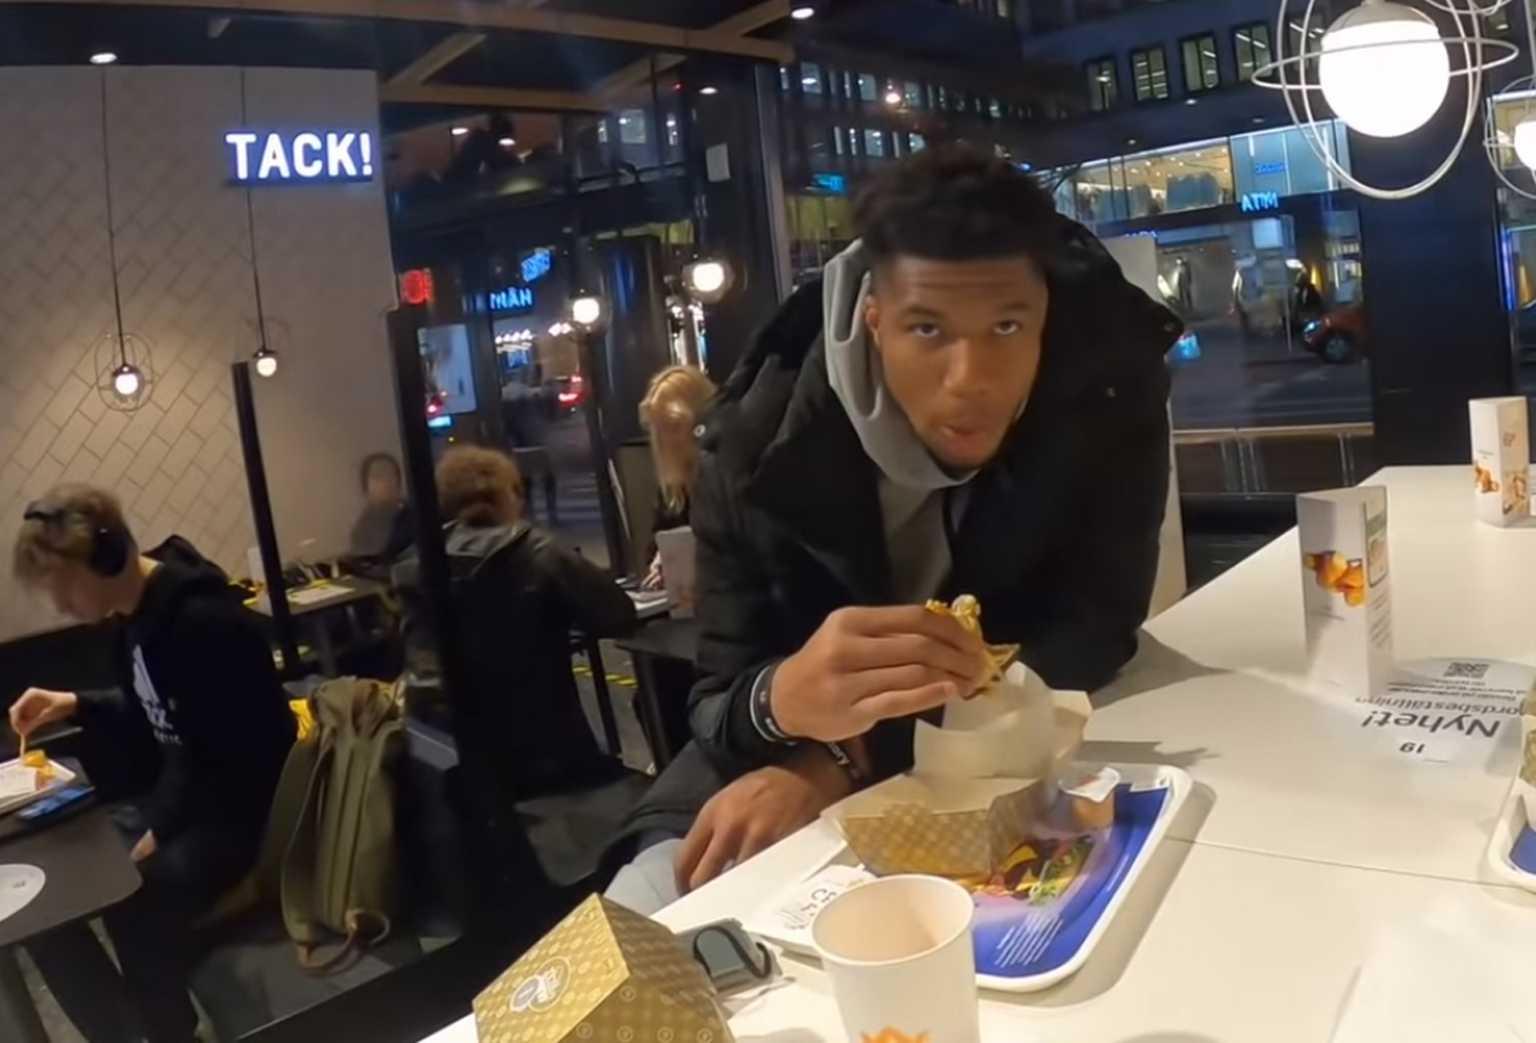 """Επικός Αντετοκούνμπο στη Σουηδία! """"Δεν με ξέρει κανείς εδώ – Ελάτε να κάνουμε μπίζνες"""" (video)"""